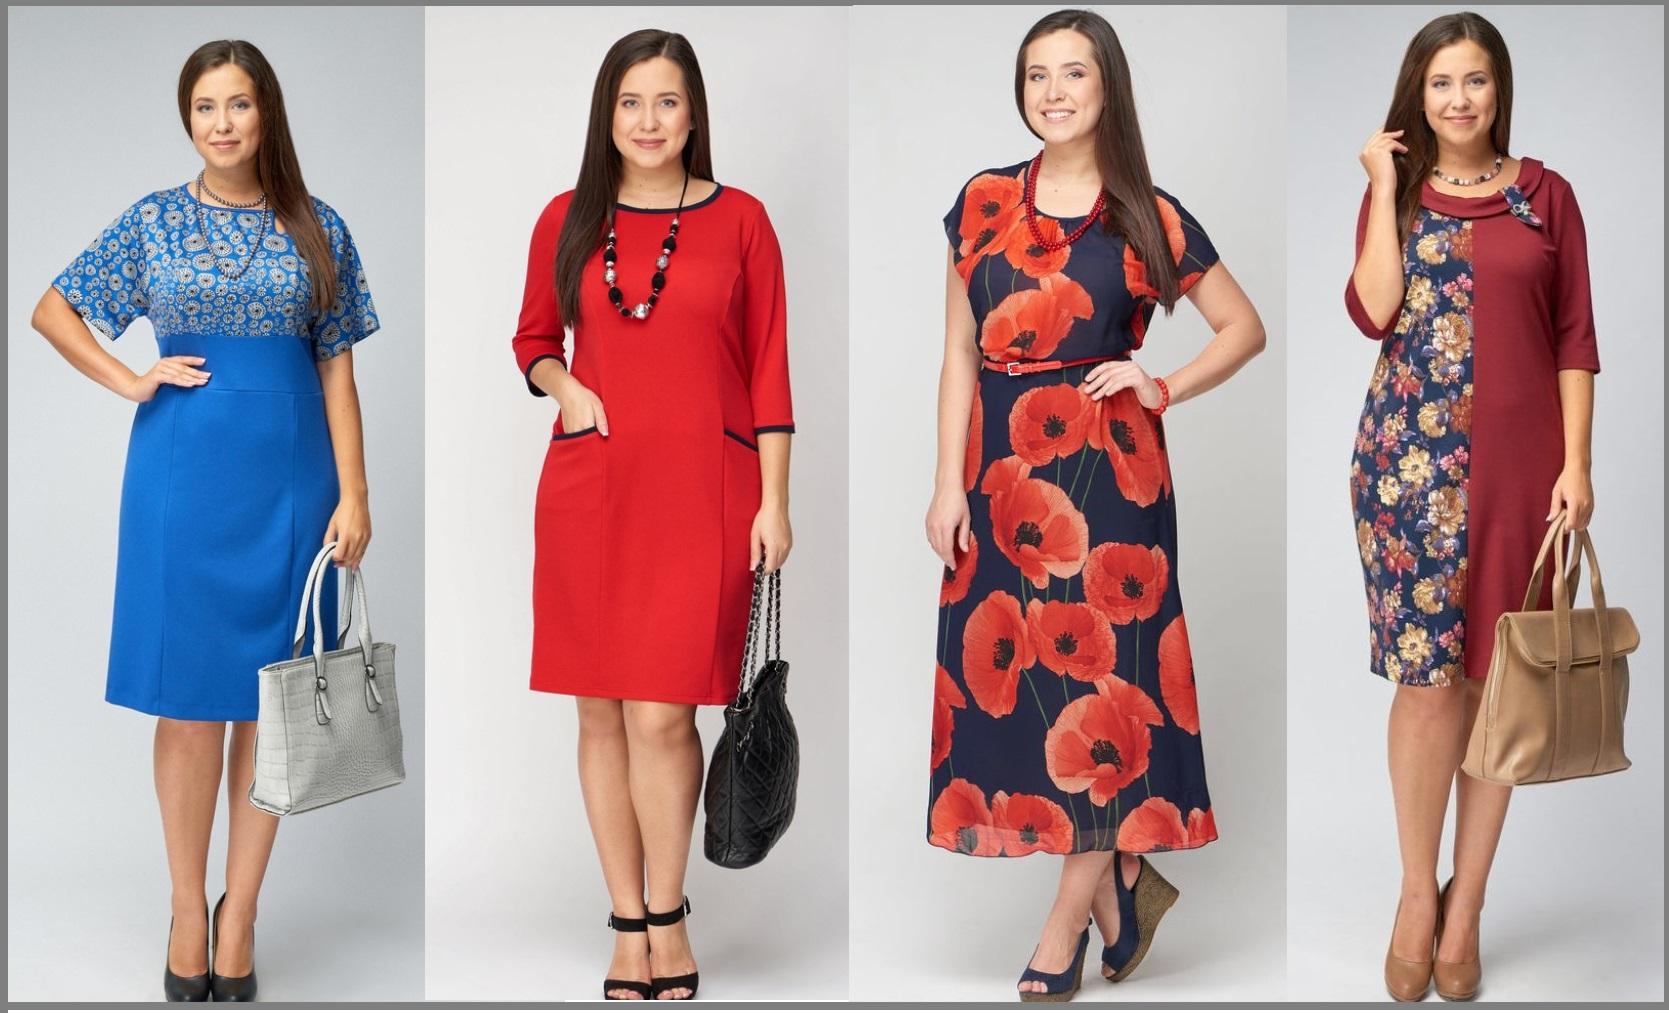 яркая и элегантная женская одежда до 60 размера. Платья, блузки, туники, брюки, юбки – для модниц разного возраста и любой комплекции. Распродажа прошлых коллекций